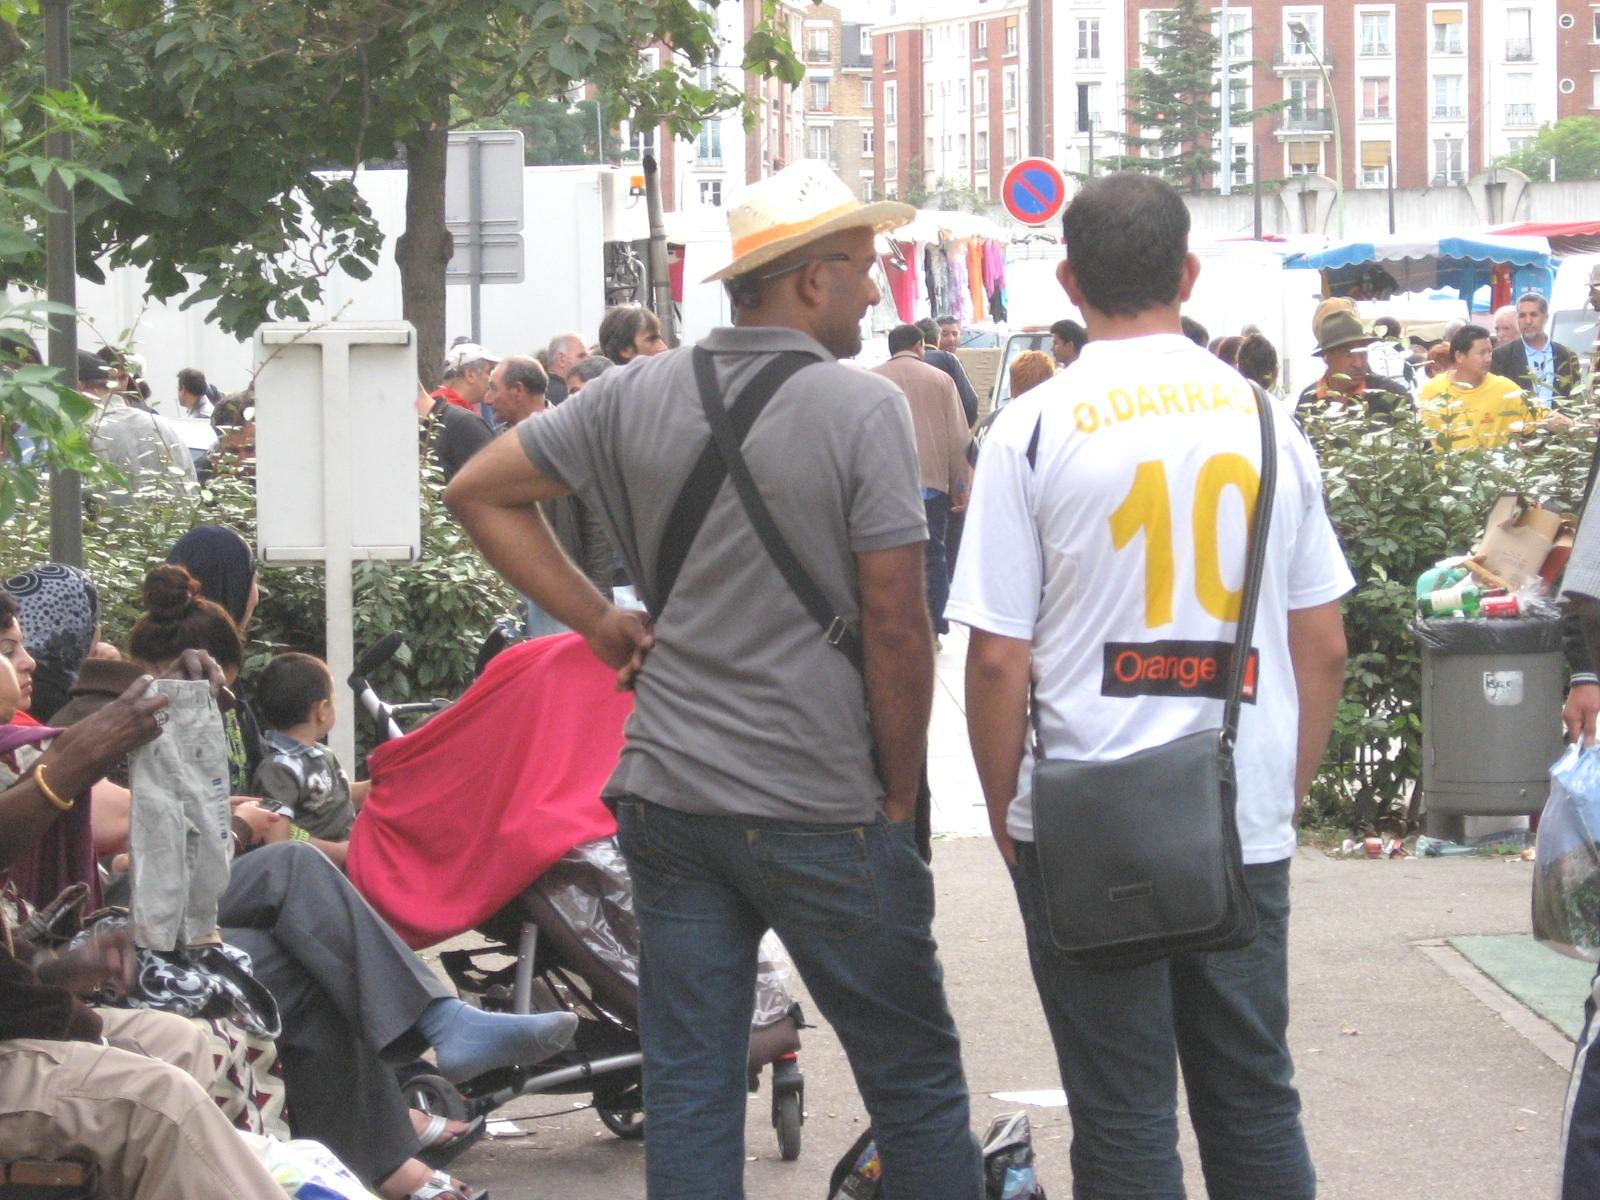 vendeurs à la sauvette dans le parc